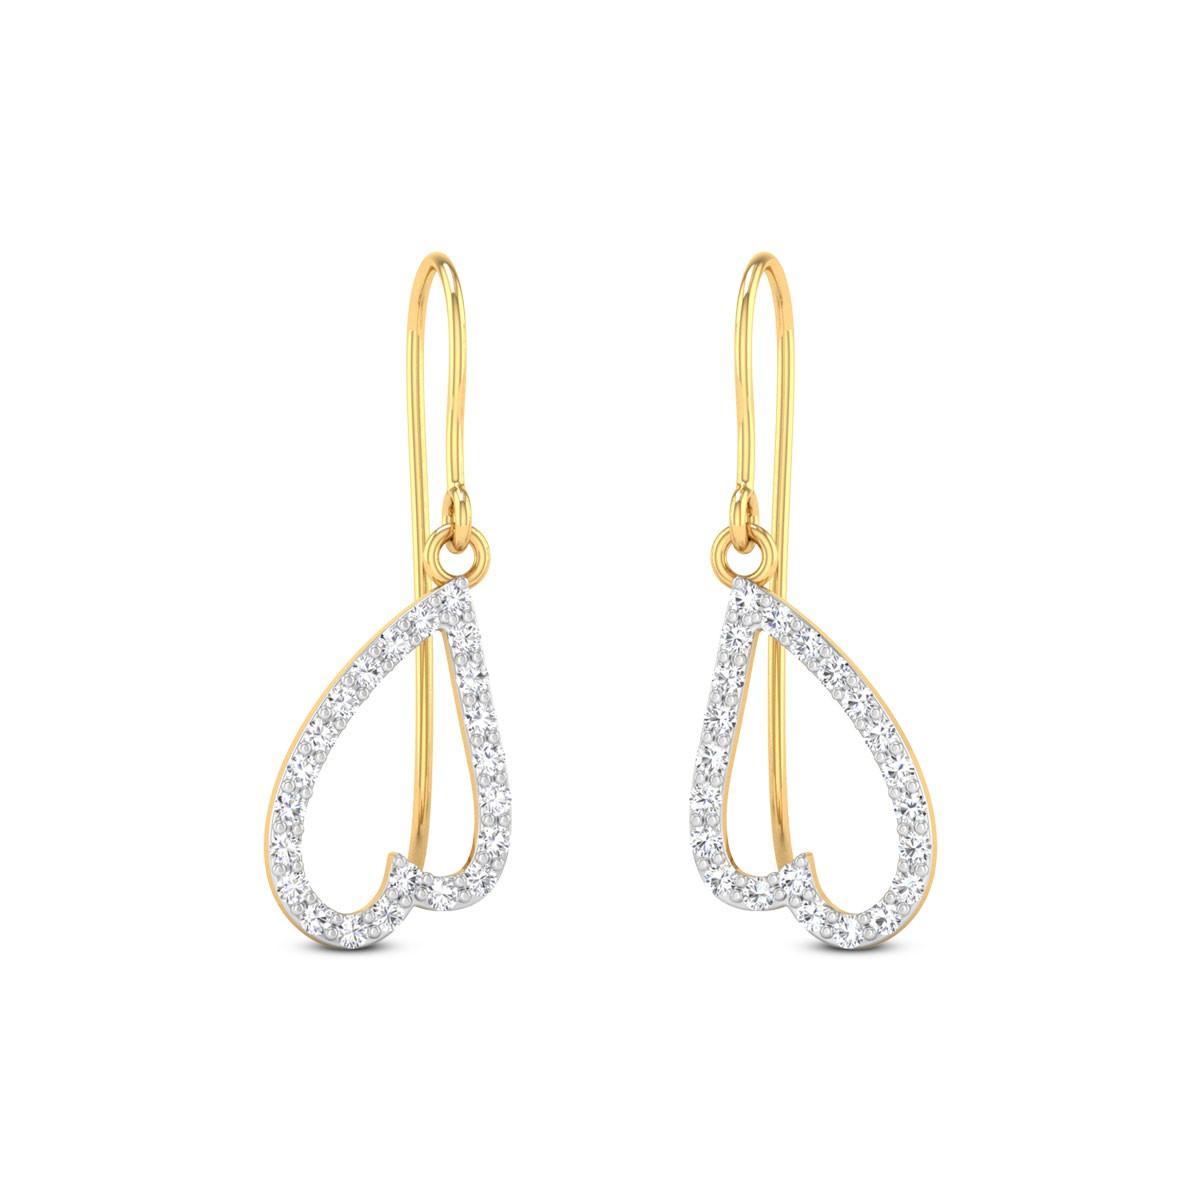 Zella Diamond Hangings